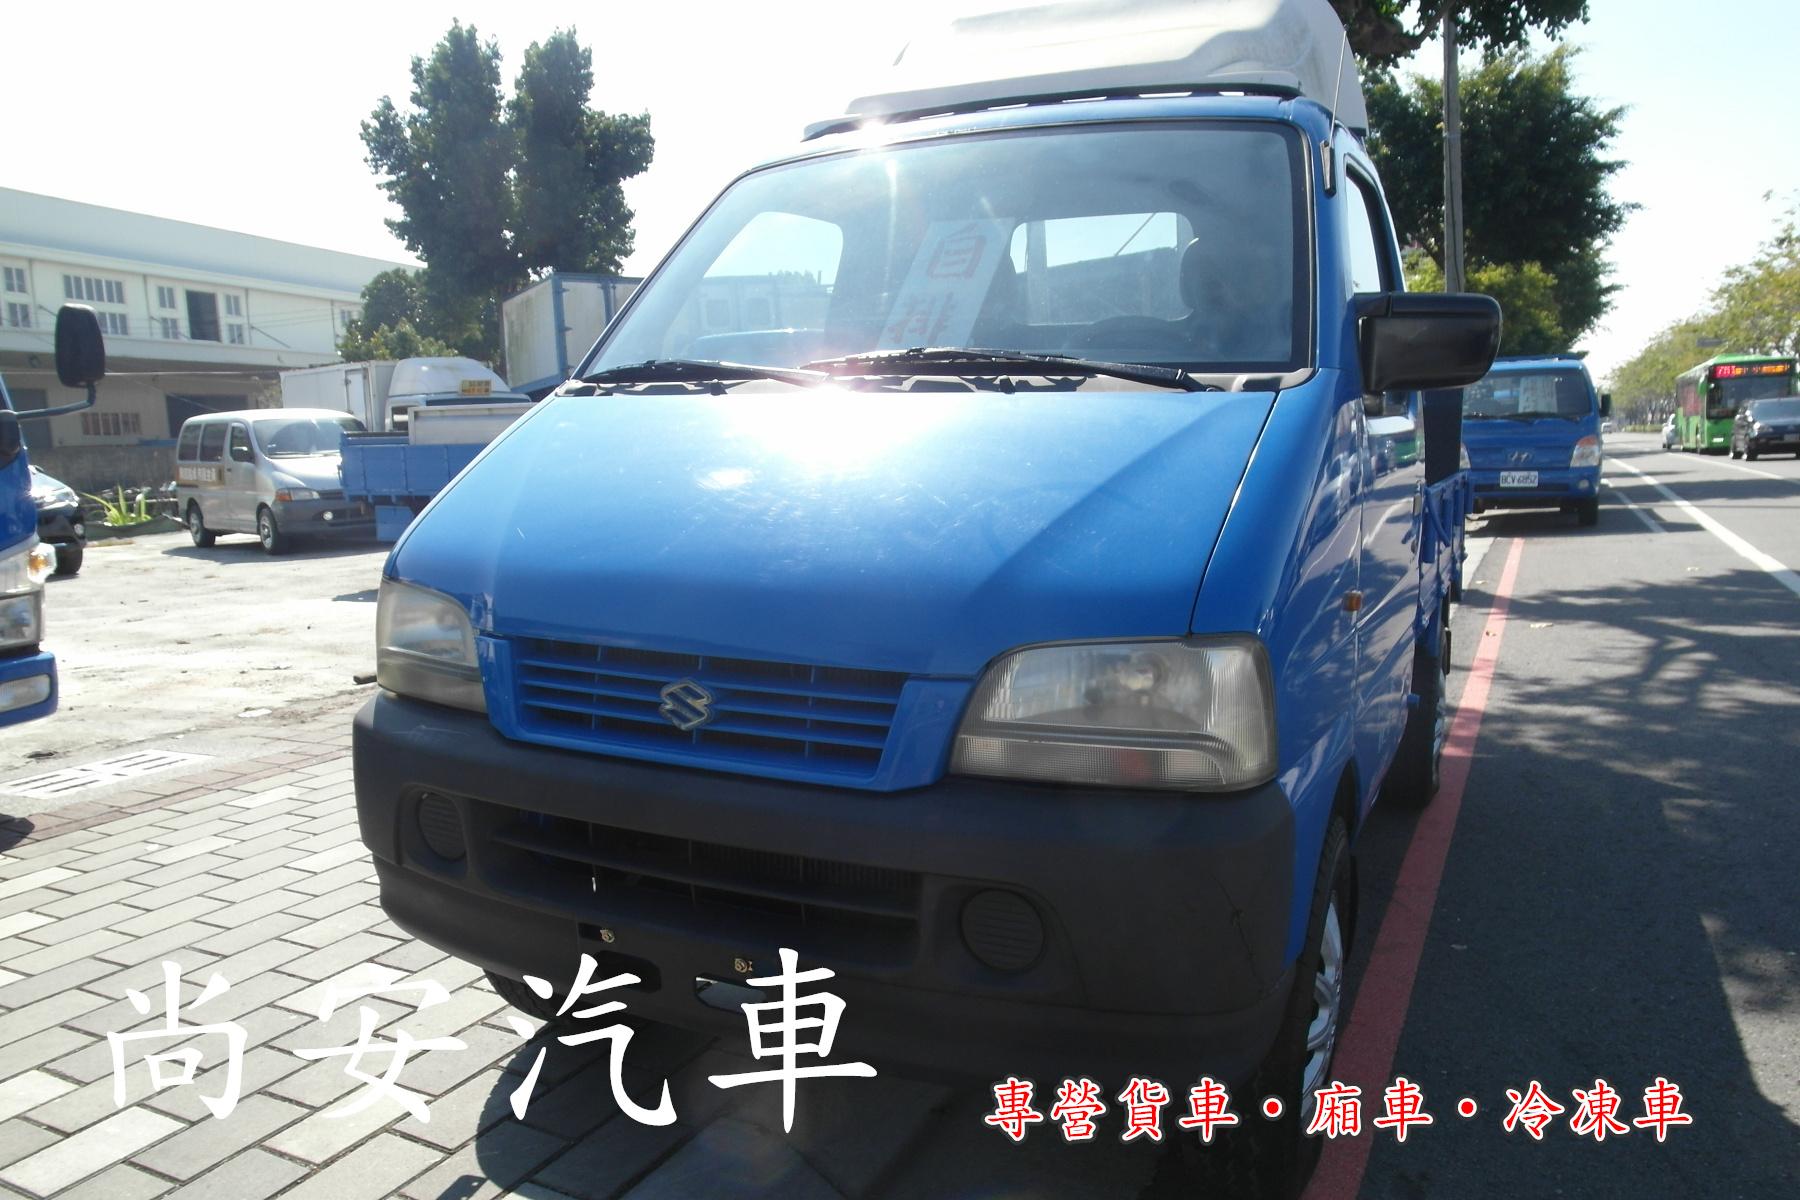 2004 Suzuki 鈴木 Super carry